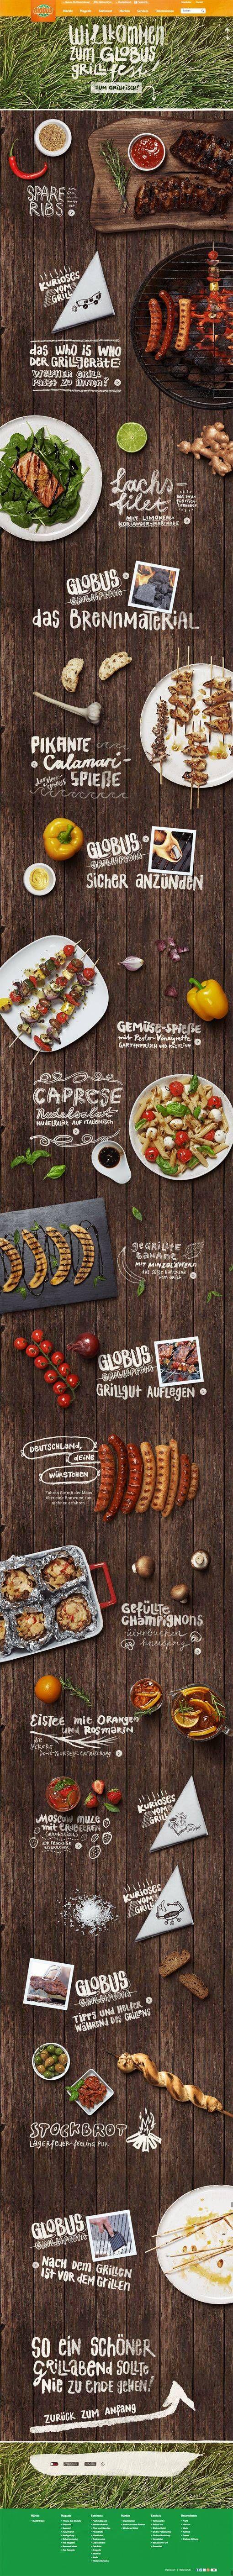 The Globus Grillfest by Kathrin Schmitz, via Behance